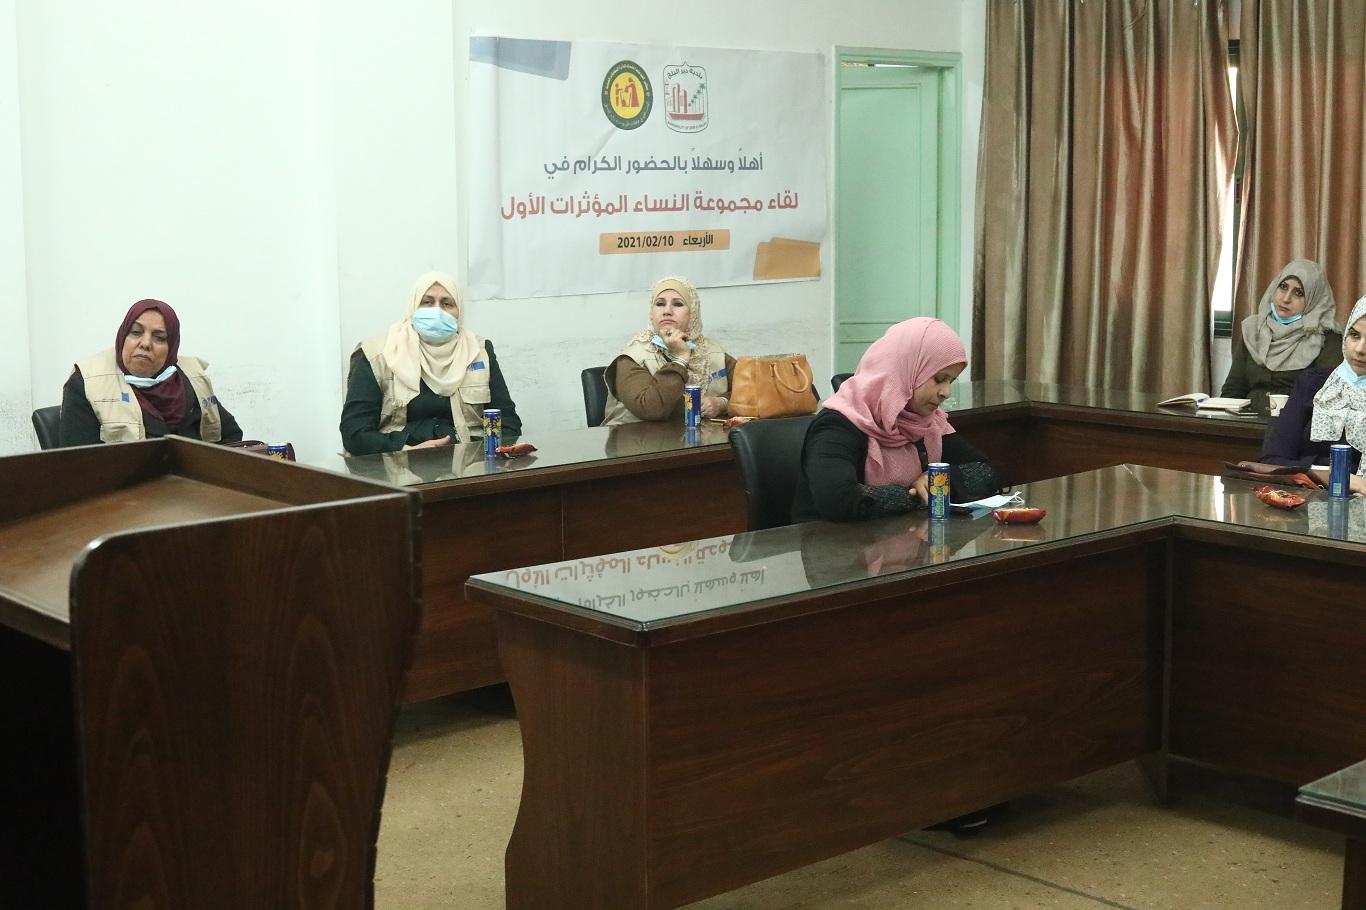 بلدية دير البلح تنظم لقائها الأول لمجموعة النساء المؤثرات